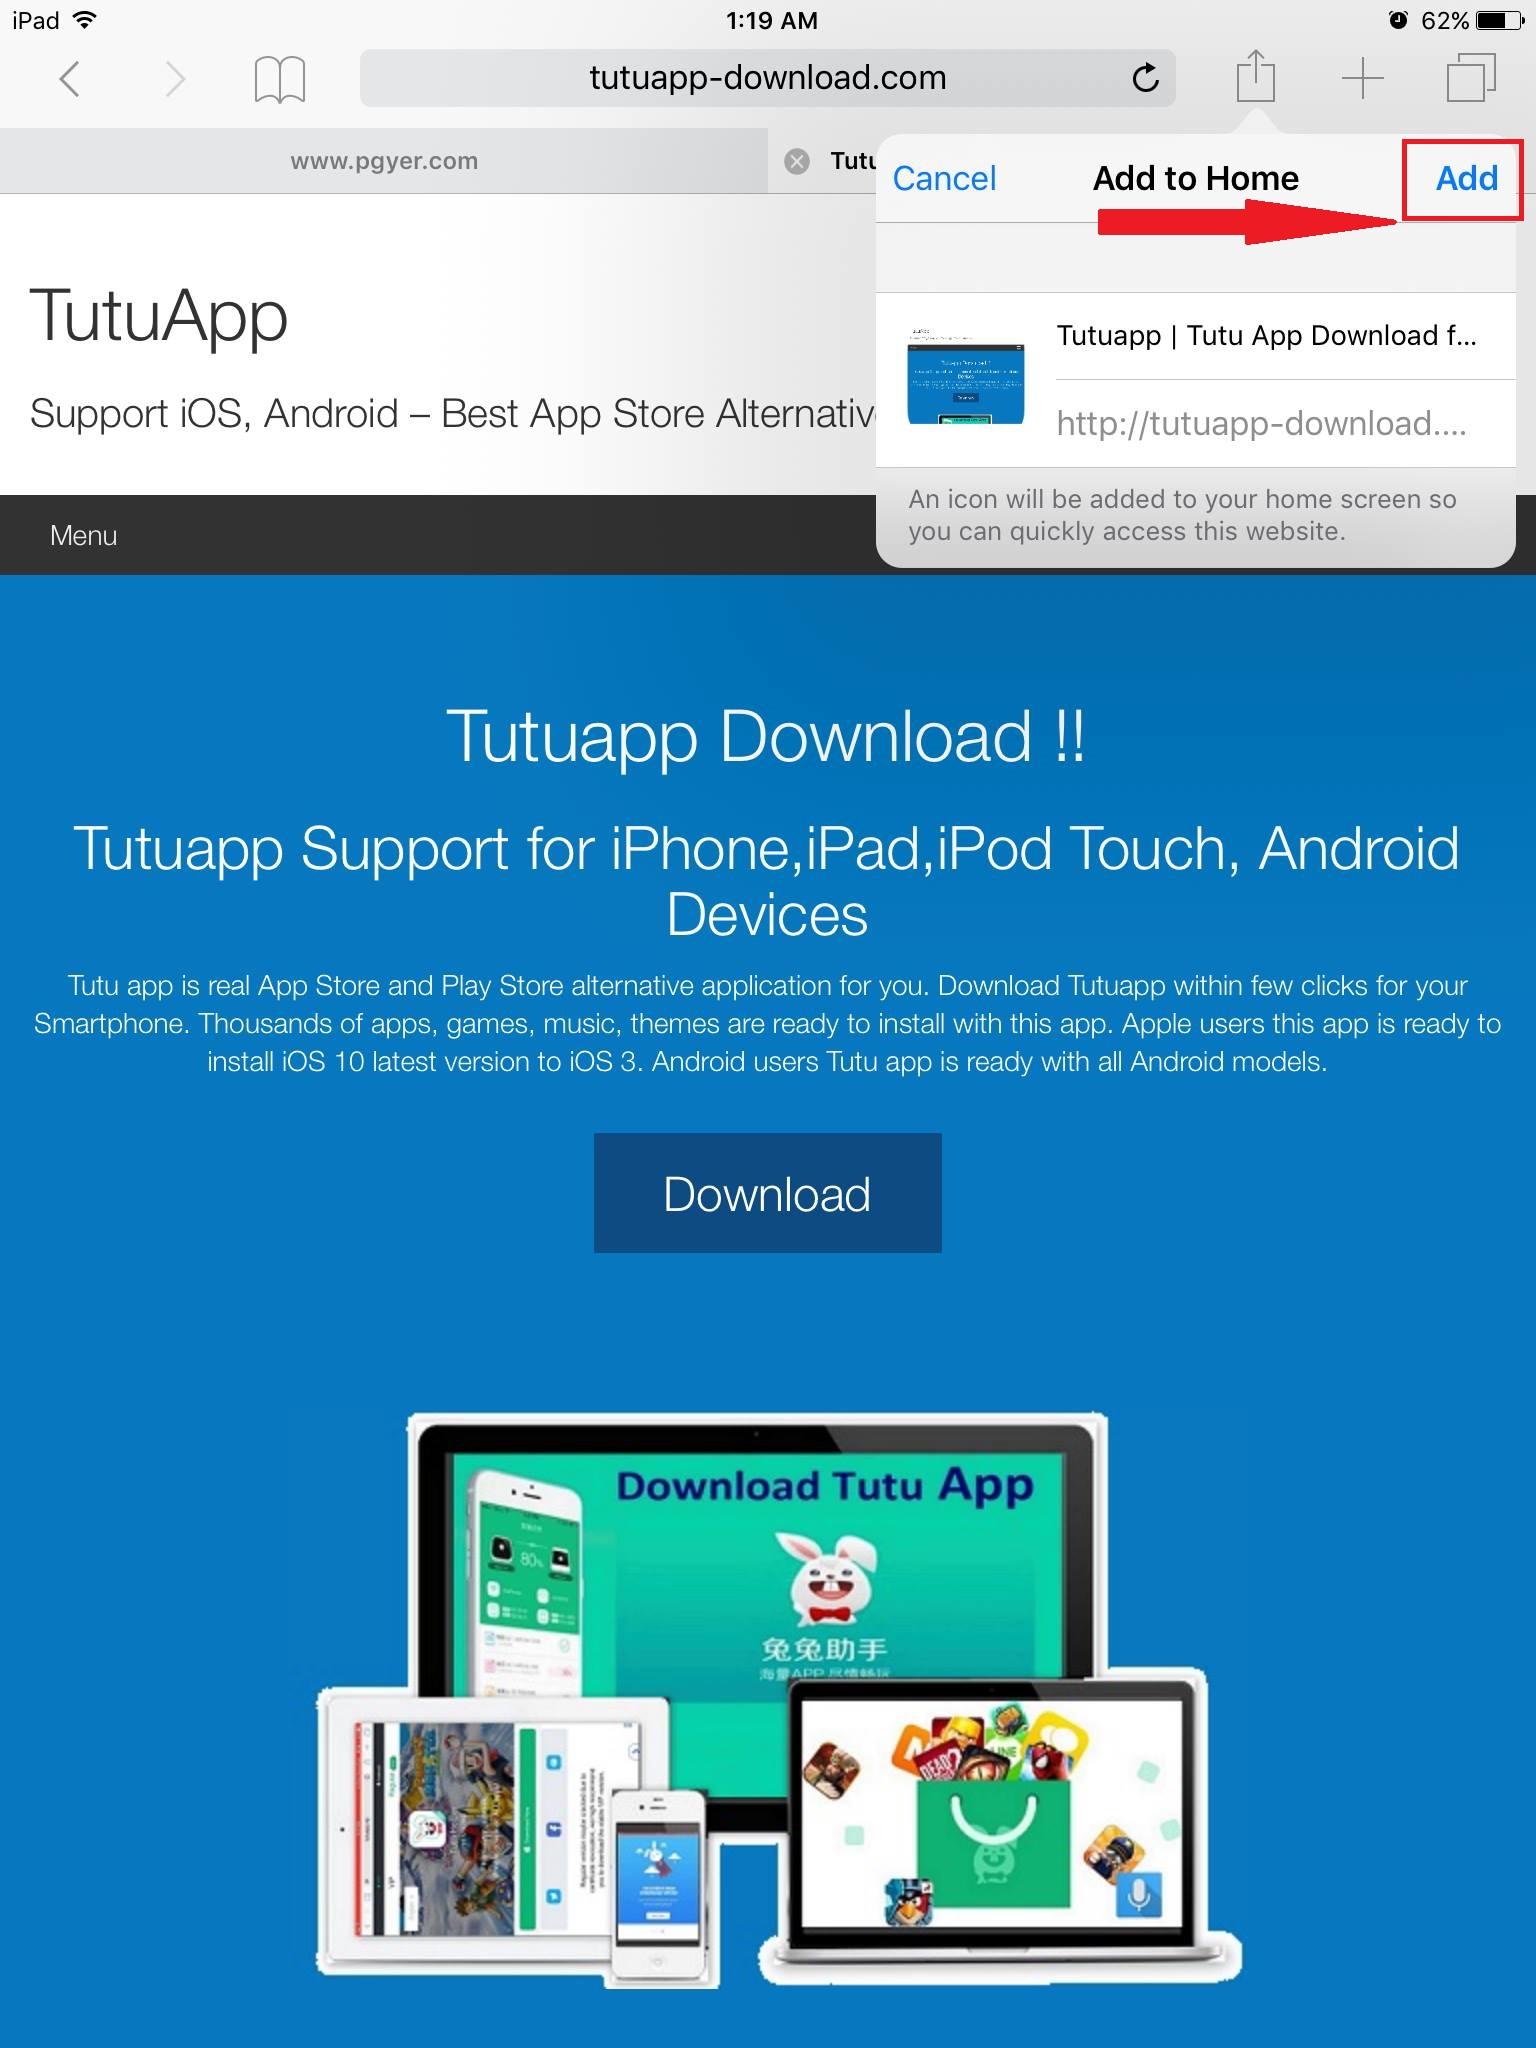 tutuapp update